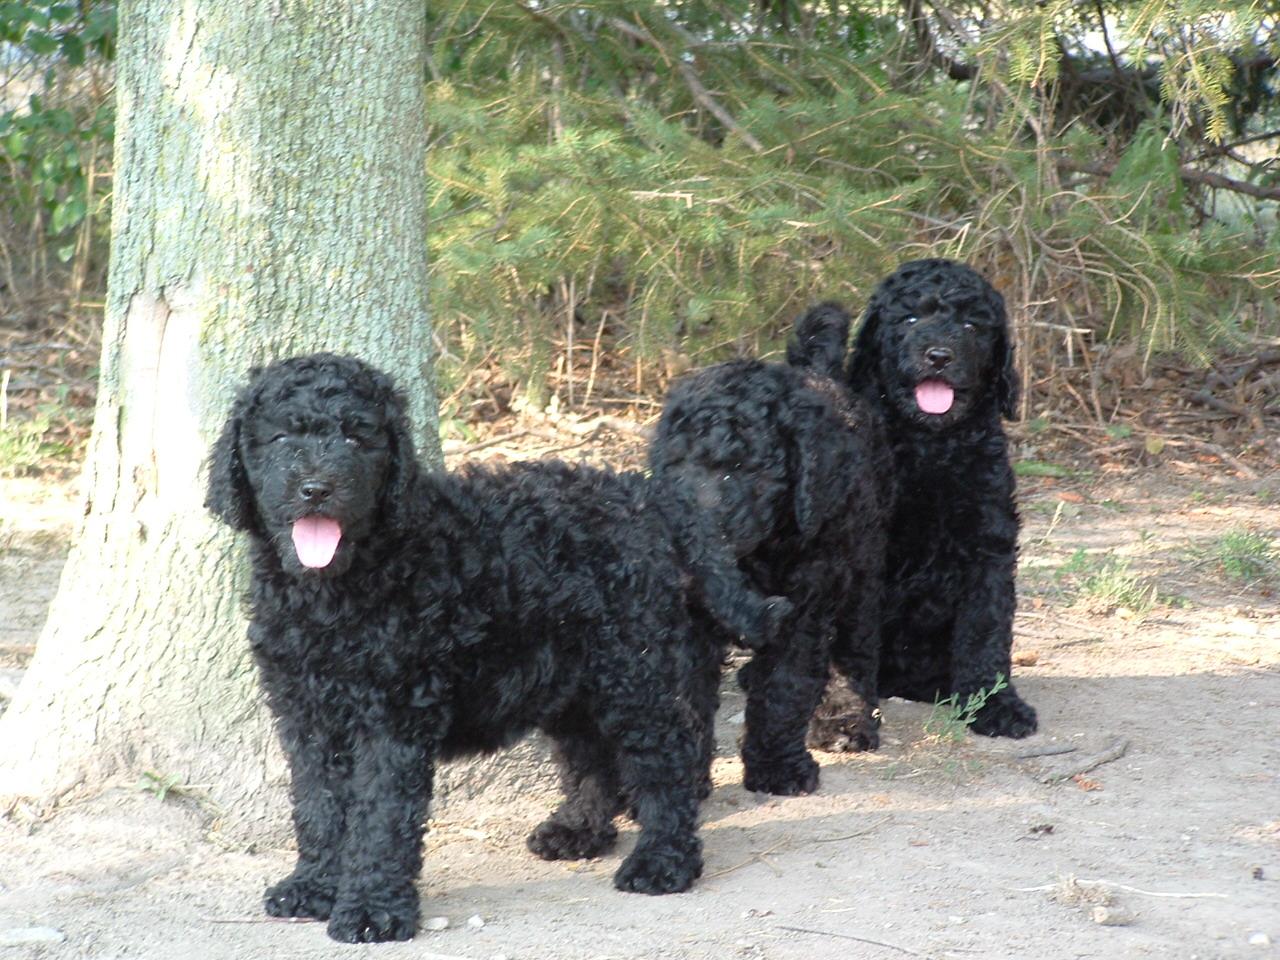 Manns Best Friend ~ AKC Poodles CKC Multi-Generational Labradoodles